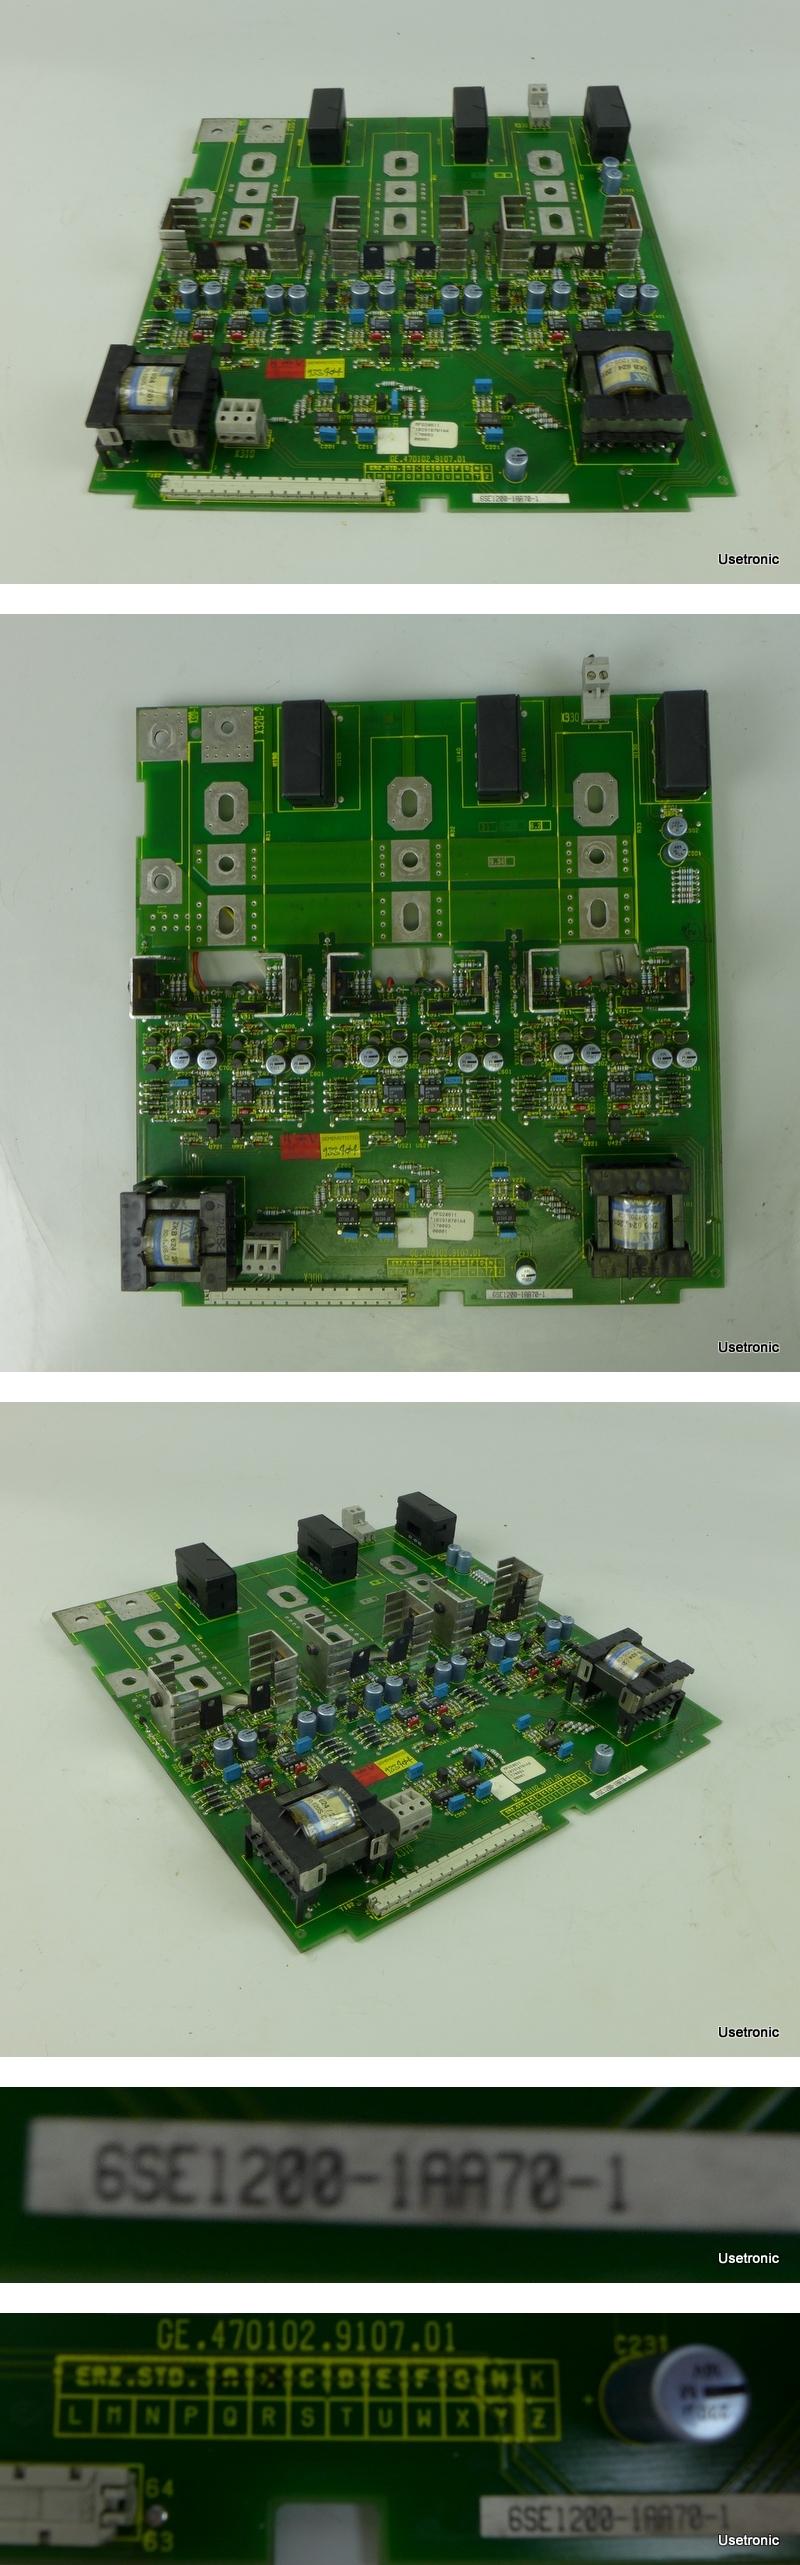 Siemens 6SE1200 1AA70 1